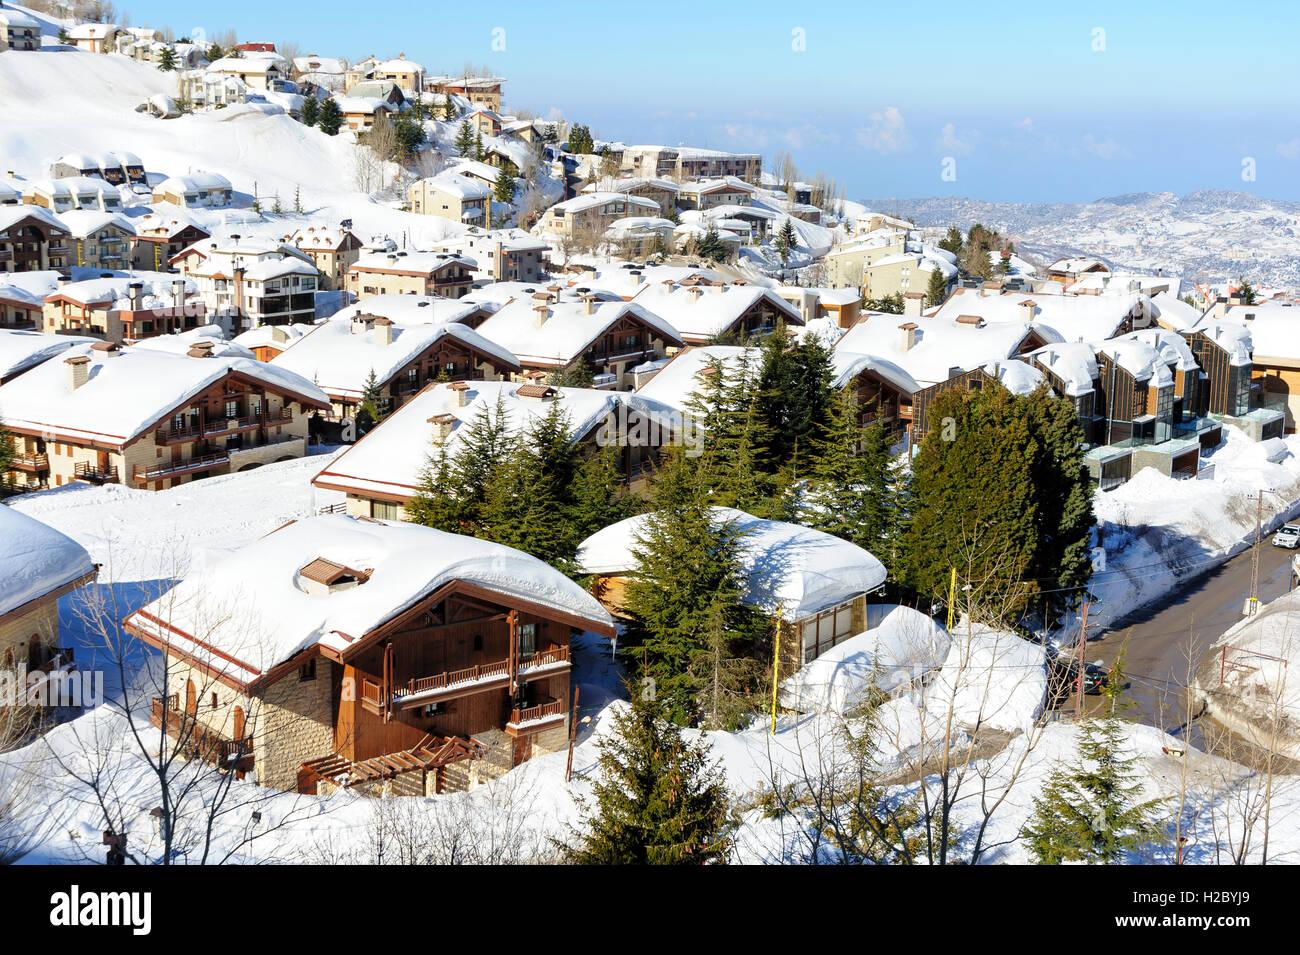 Mzaar Kfardebian ski resort en el Líbano durante el invierno, cubierto de nieve. También se llama Faraya. Imagen De Stock